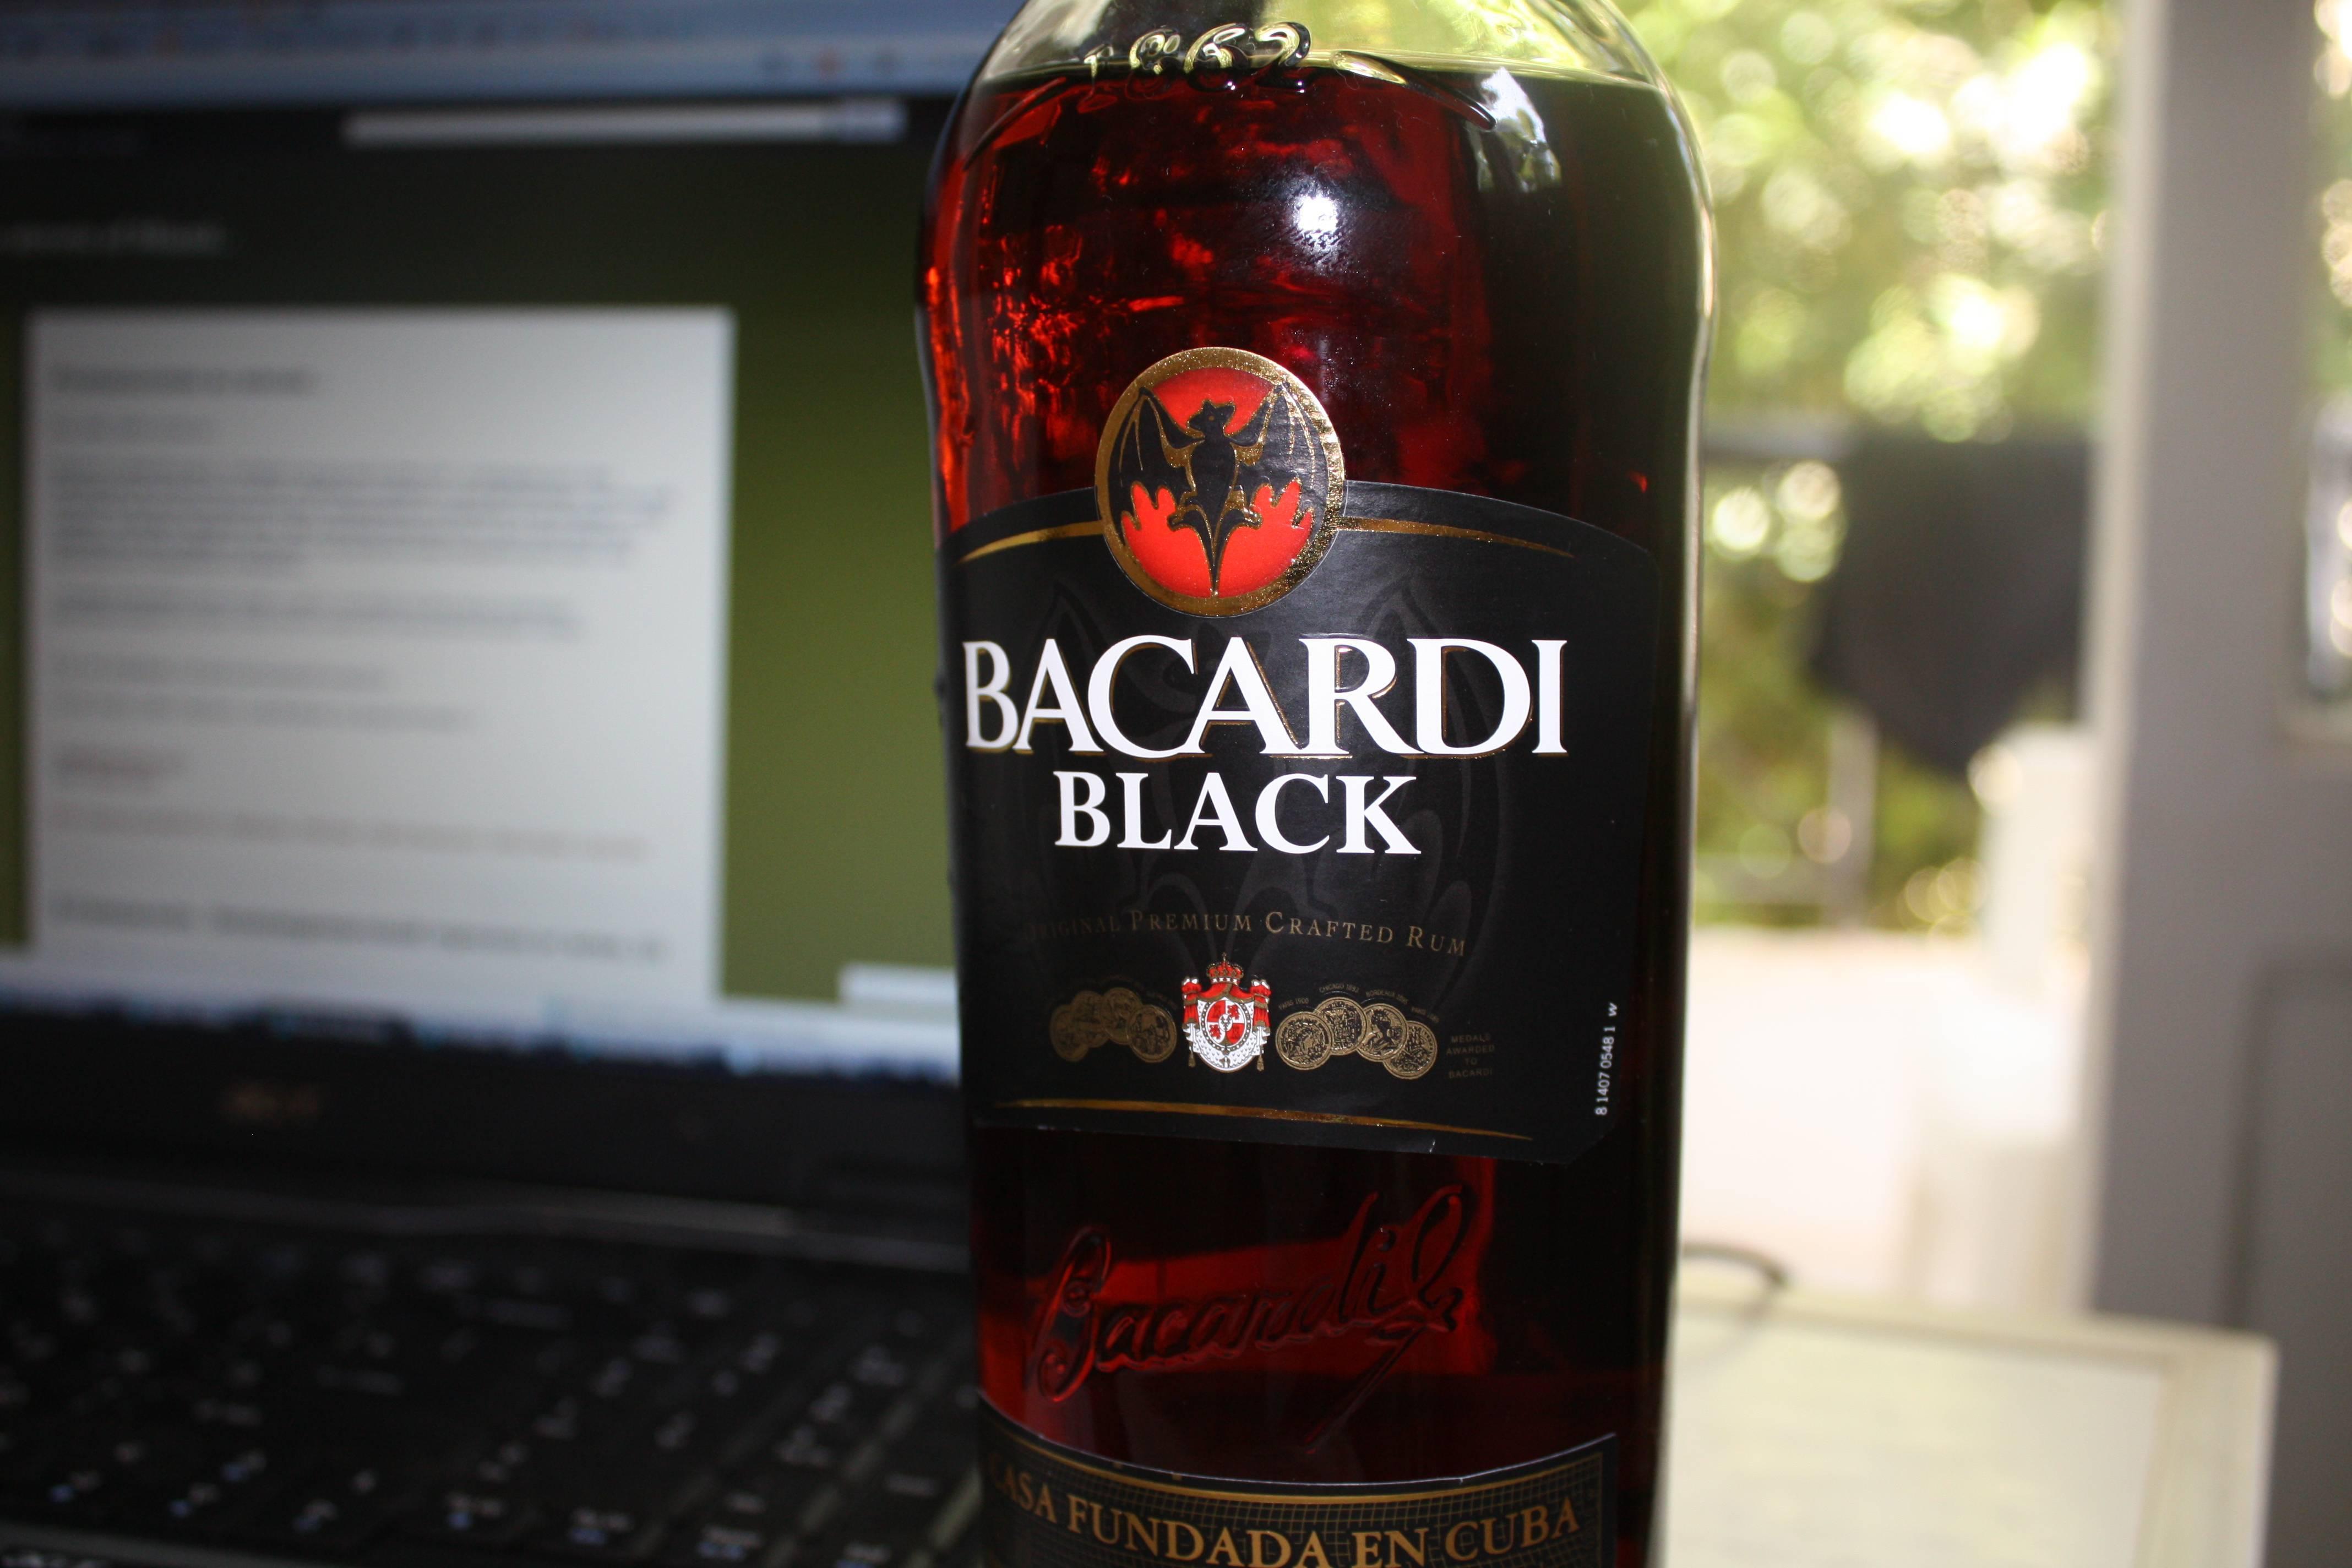 Топ 4 коктейлей ром бакарди блэк